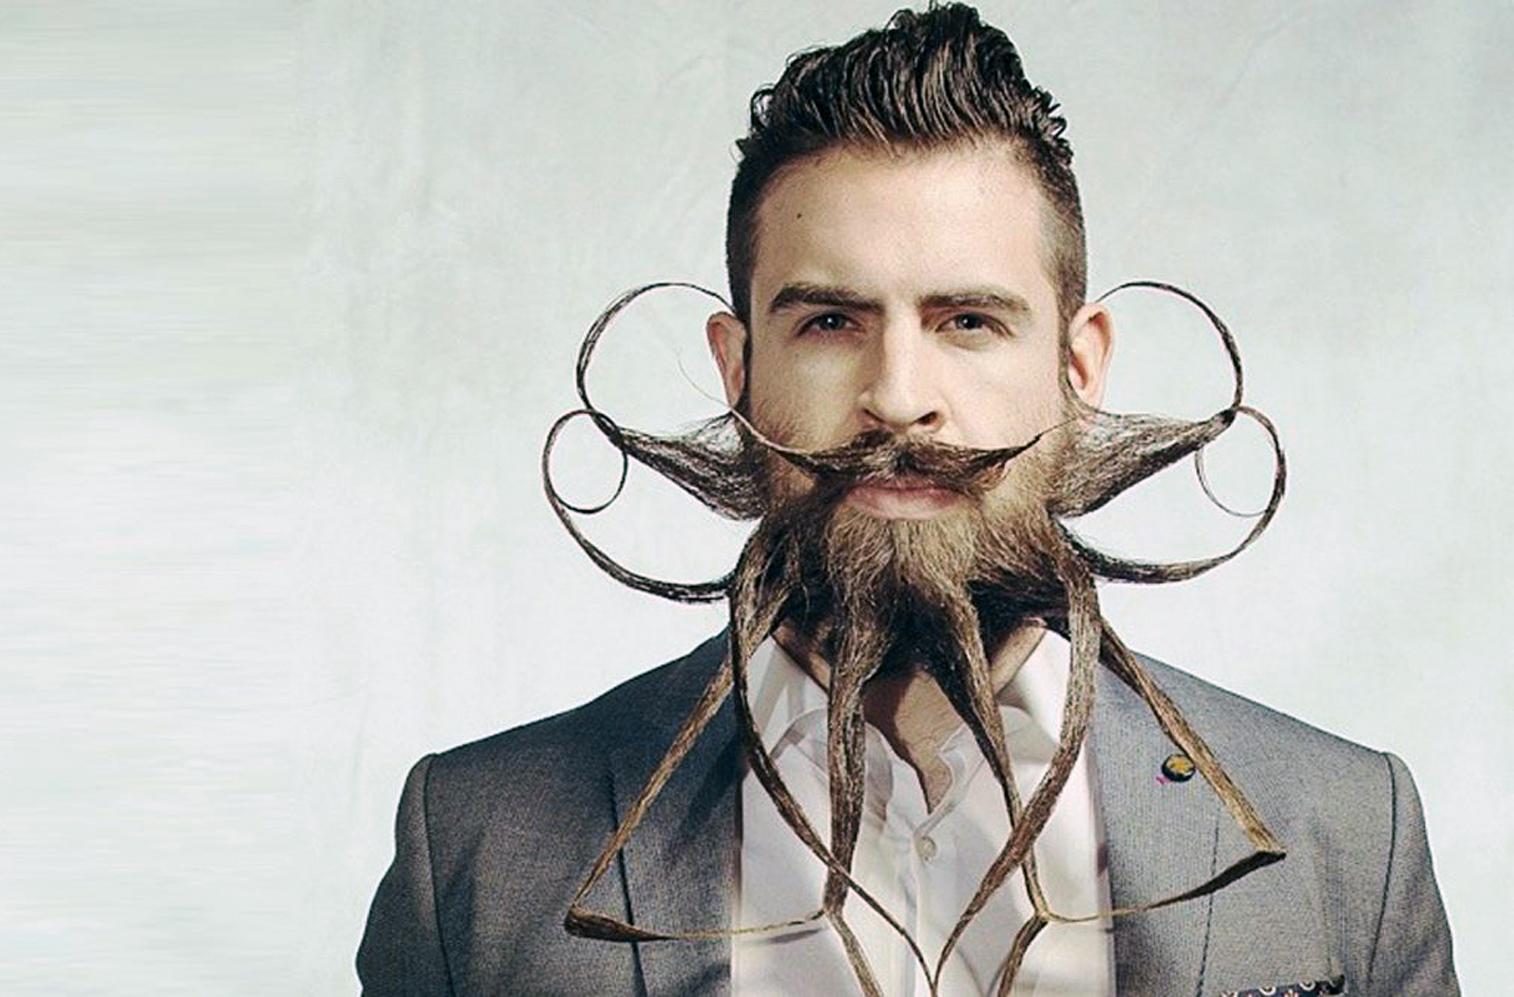 Smart Beard Spray Funziona? Truffa? Opinioni e Recensioni